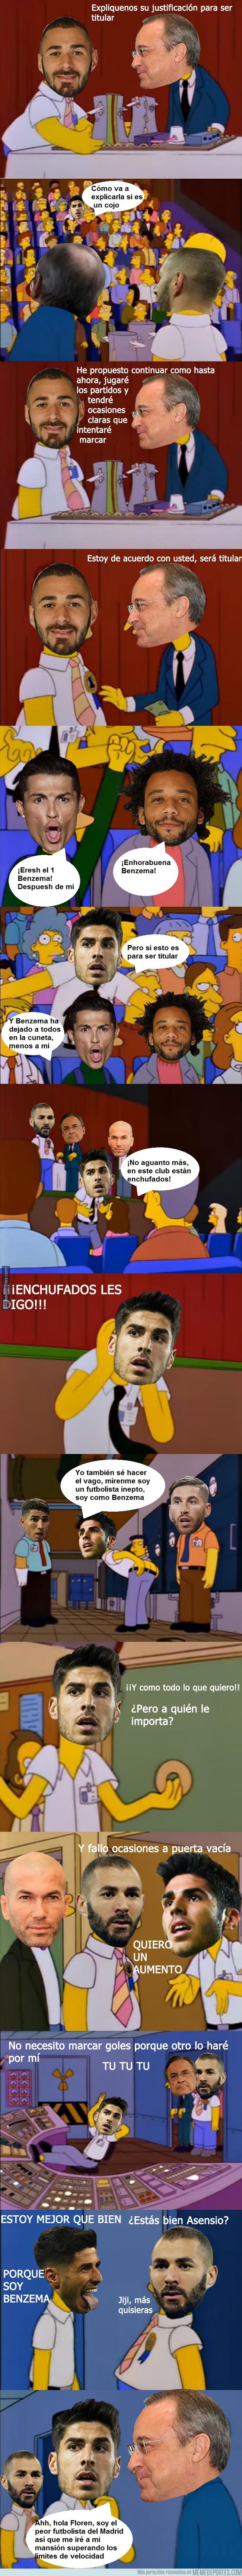 1012032 - Asensio no aguanta más la titularidad de Benzema